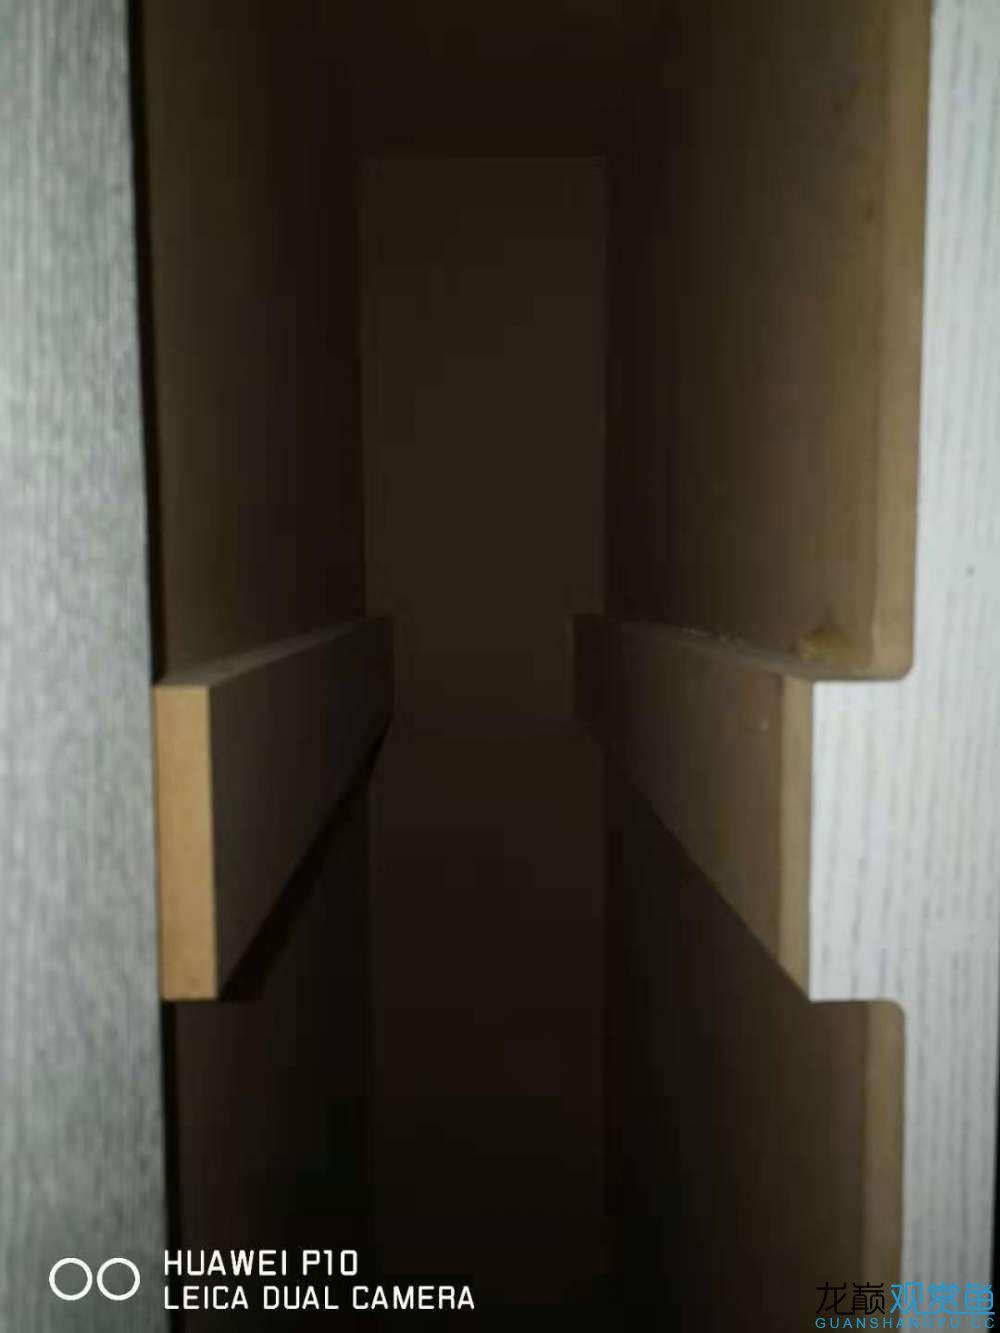 上部侧柜最窄处